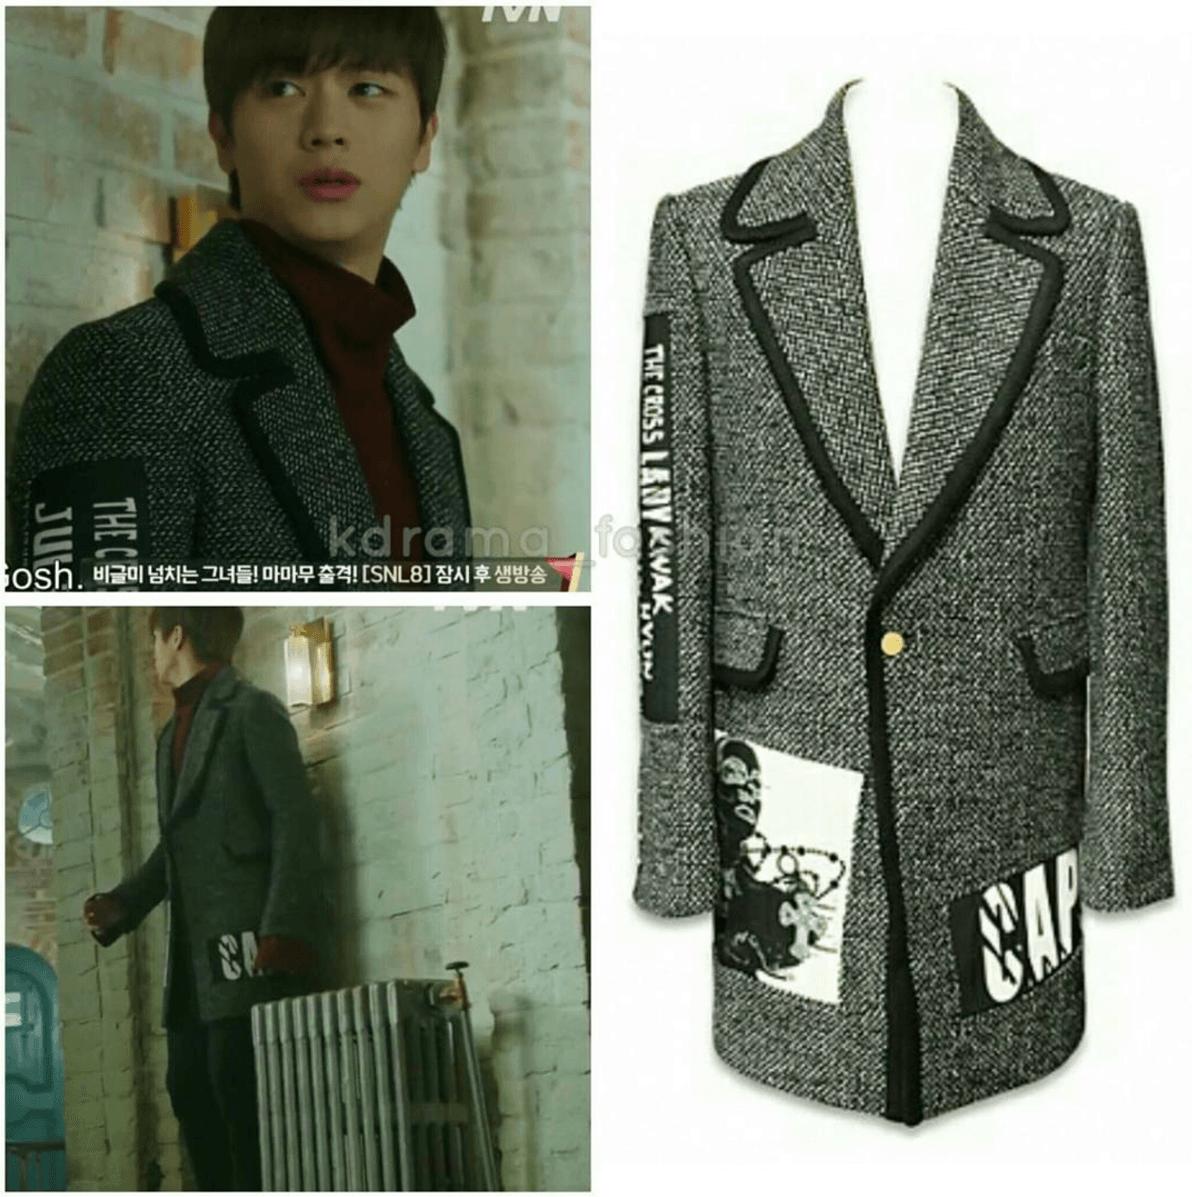 kwakhyunjoo-16fw-black-tweed-long-jacket